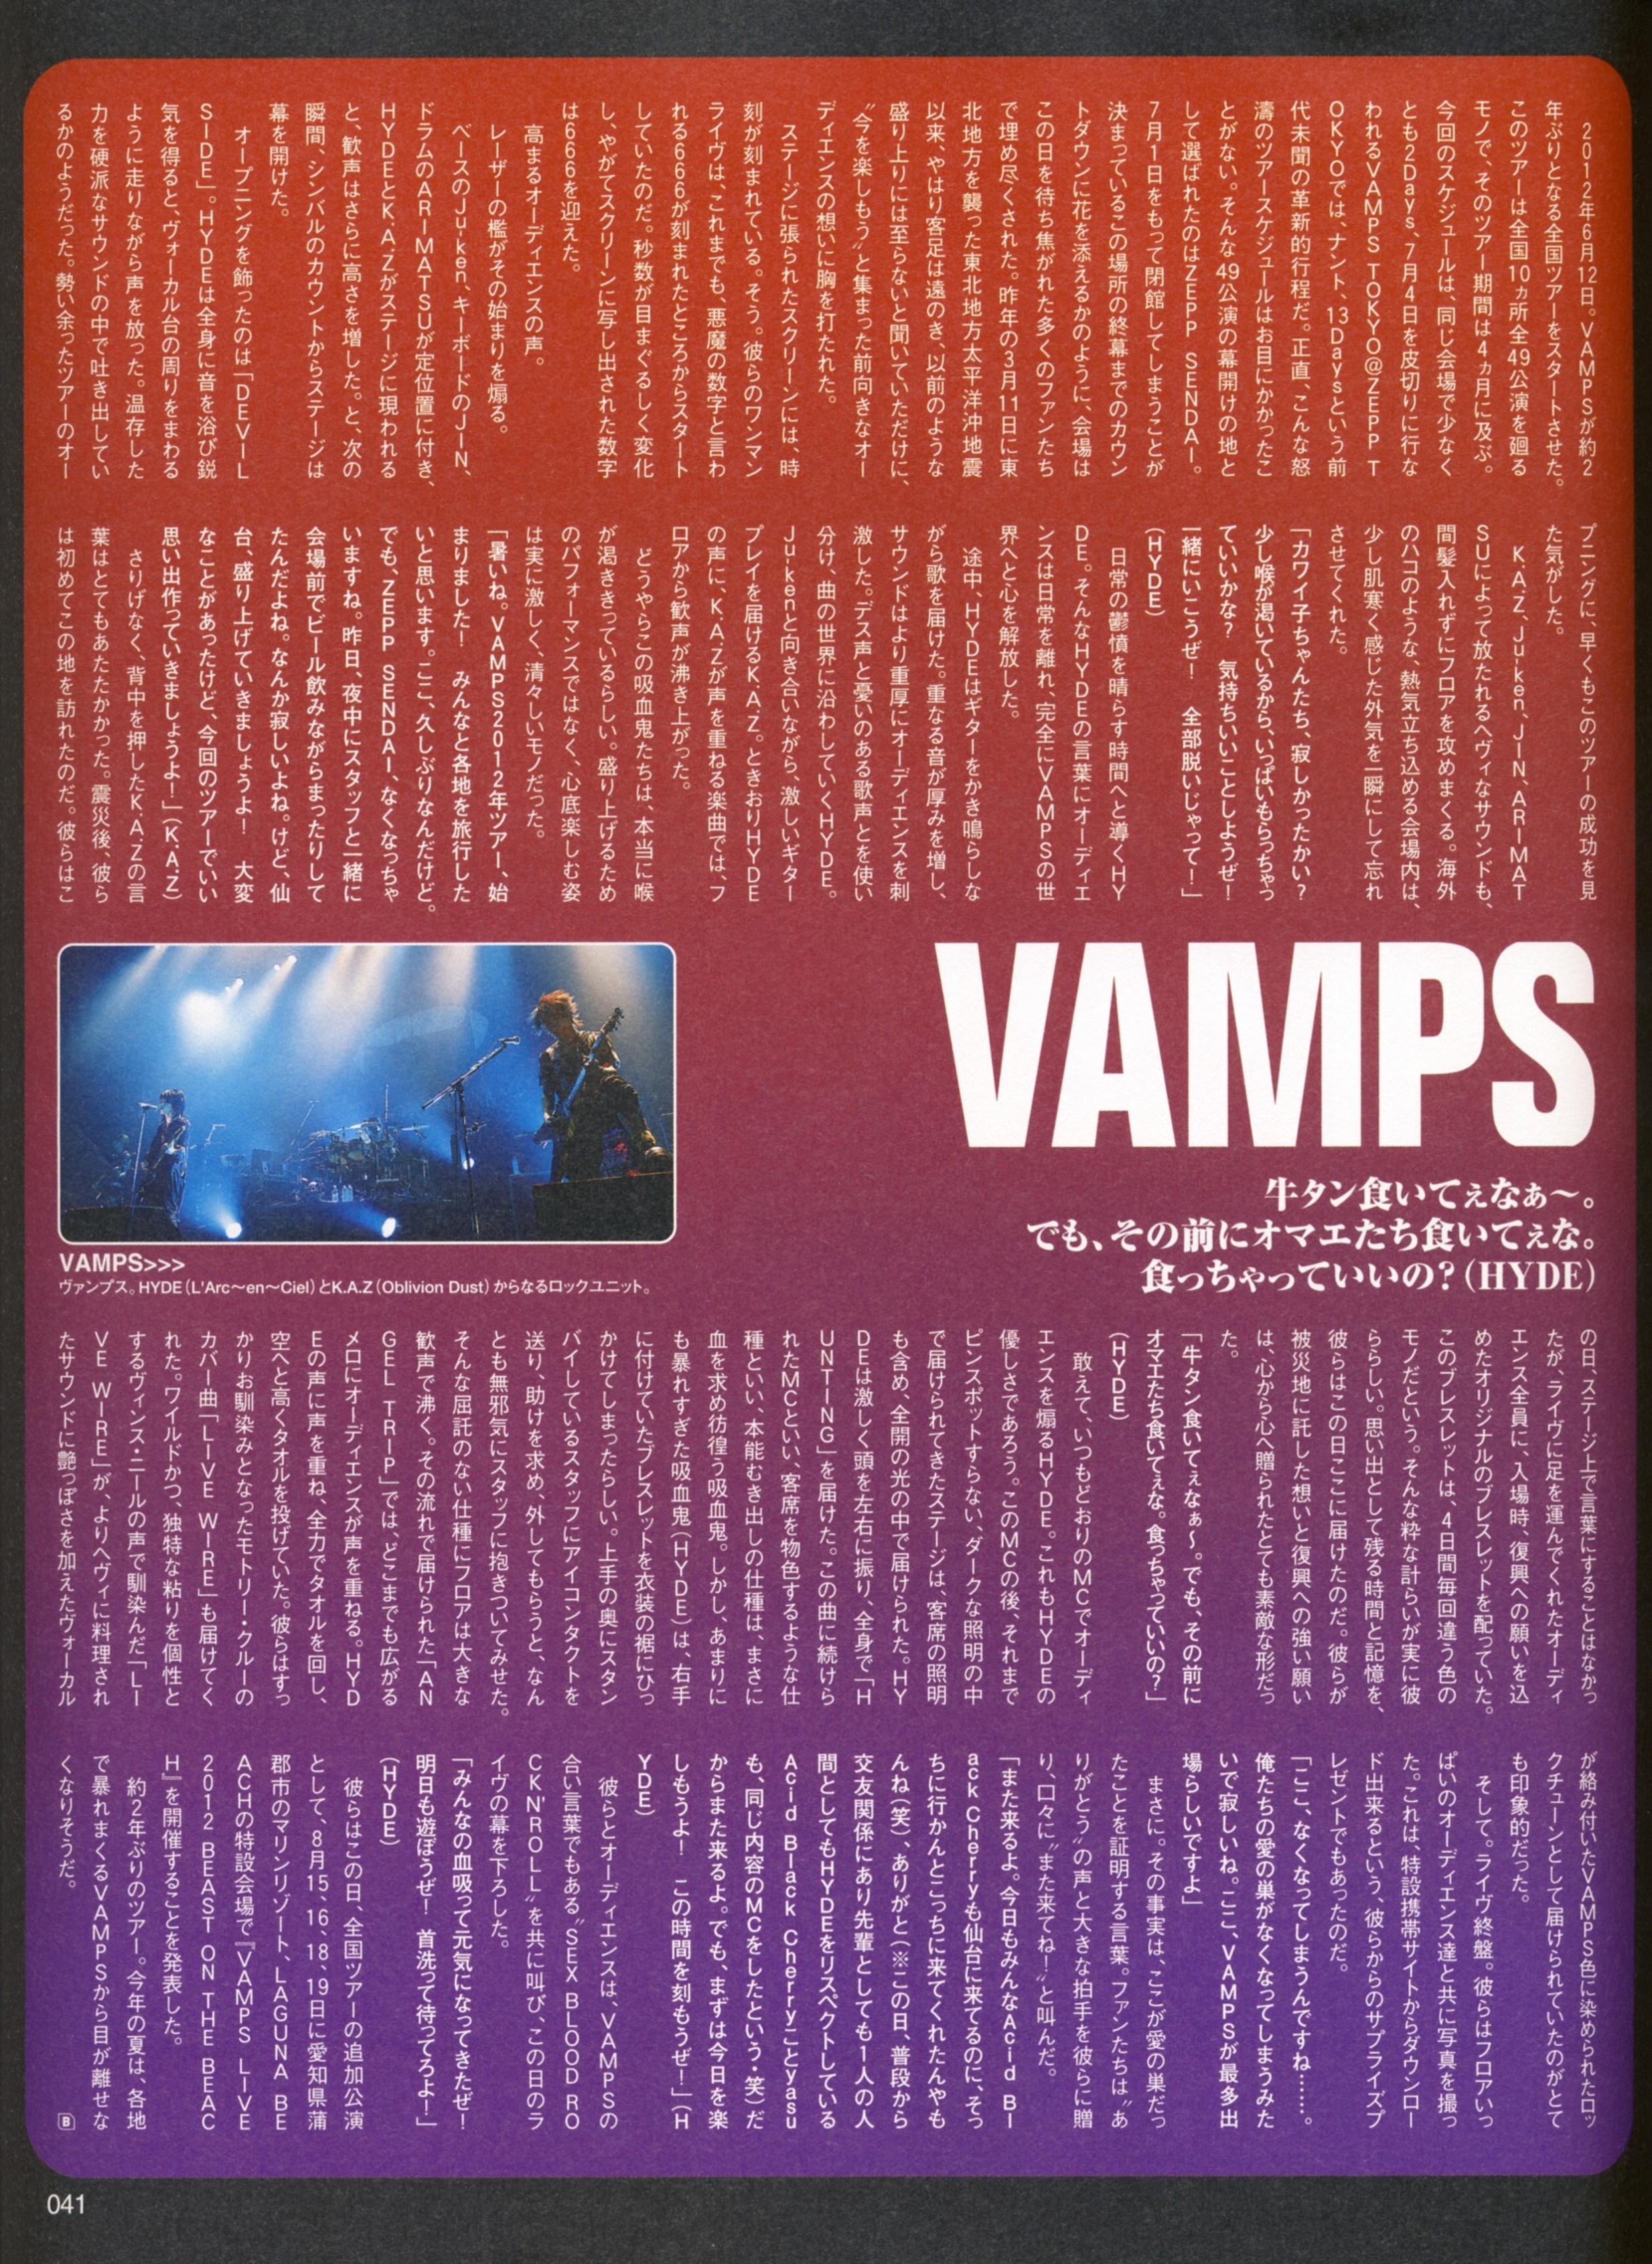 B-PASSAug2012-04-VAMPS0612Sendai